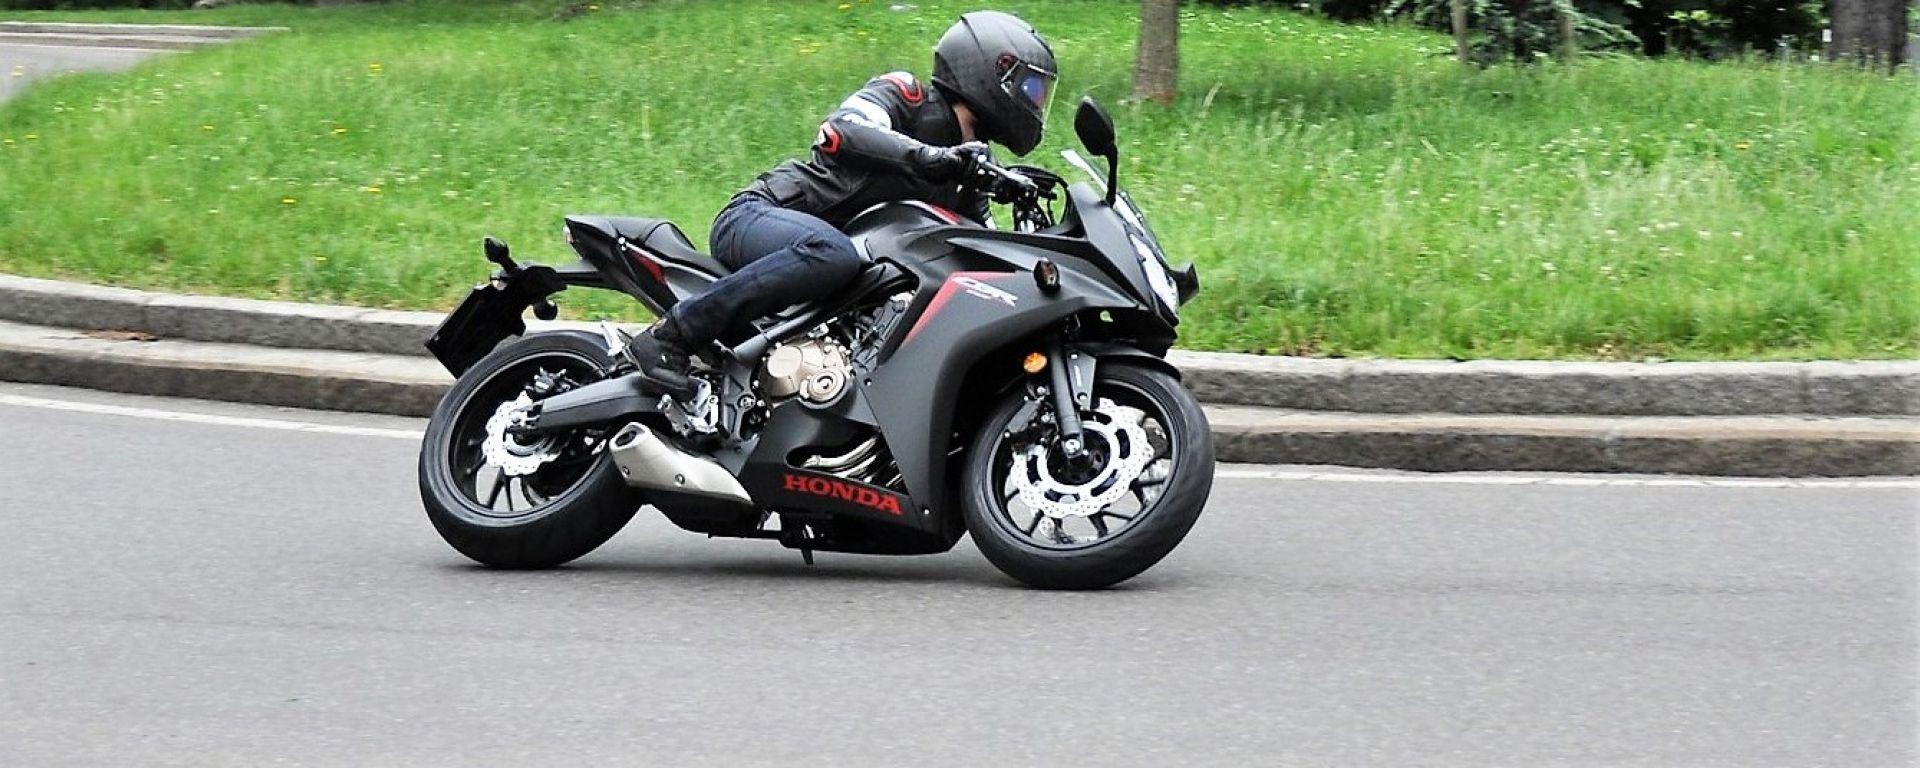 Honda CBR650F: in prova con la rinnovata supersport